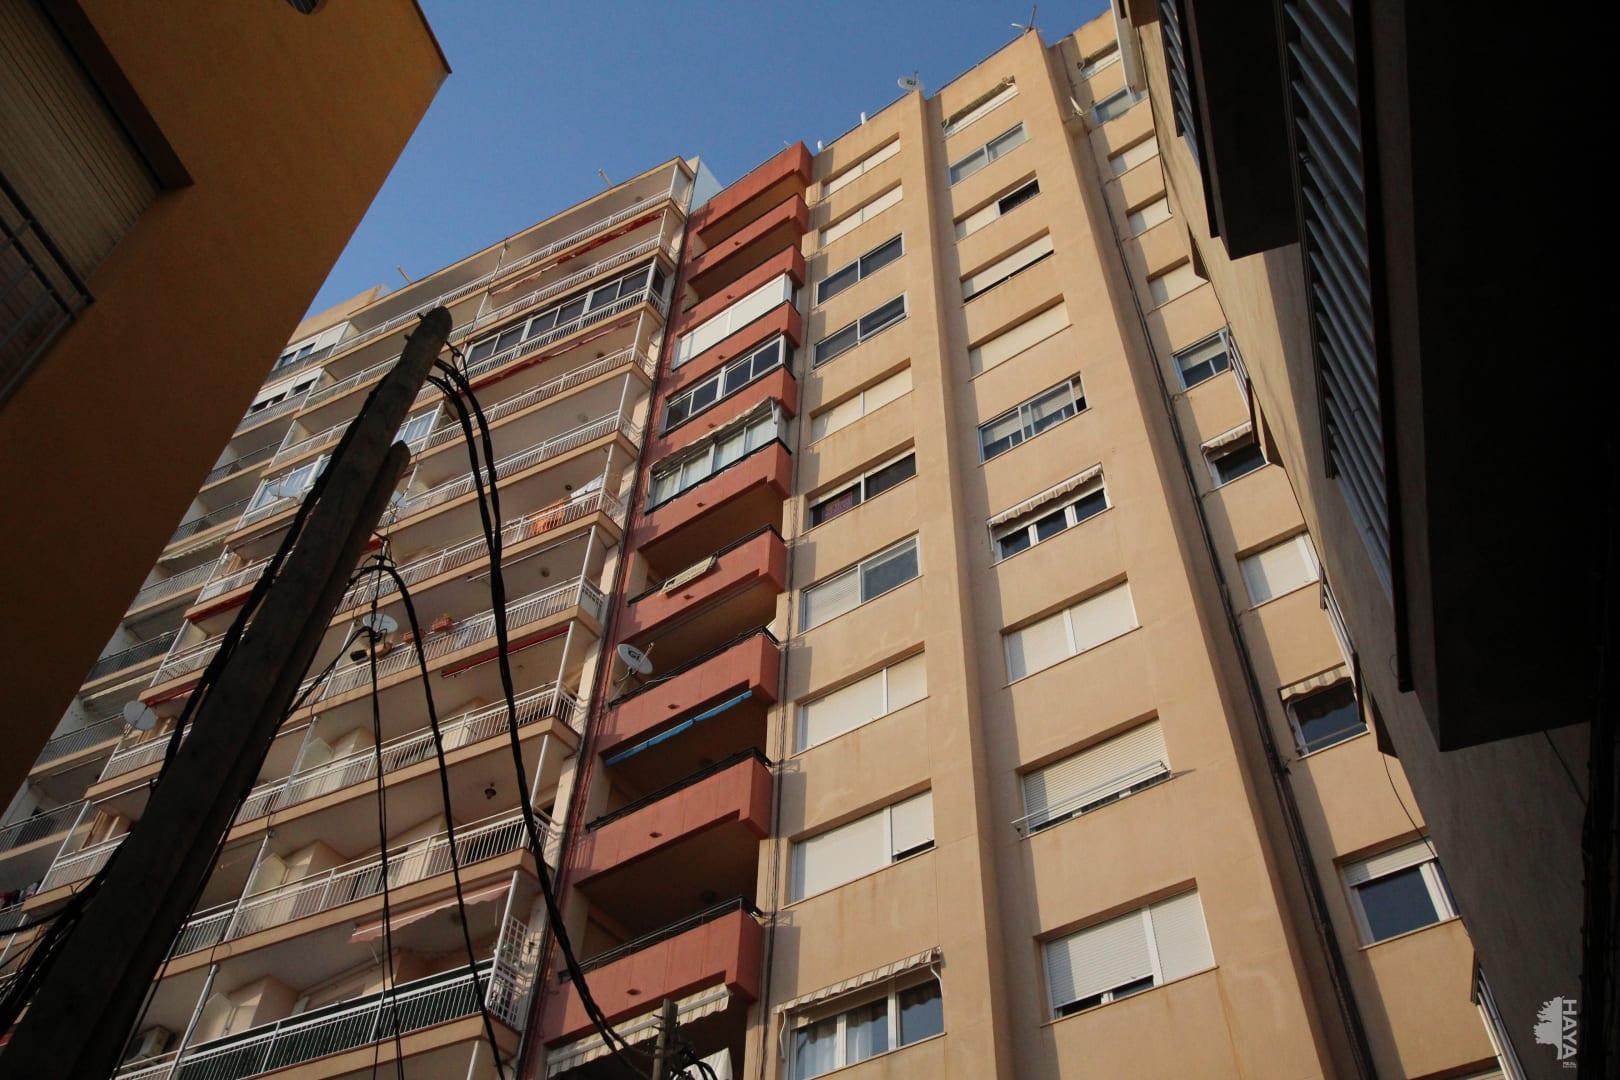 Piso en venta en Vinaròs, Castellón, Calle Almas, 92.000 €, 3 habitaciones, 2 baños, 106 m2